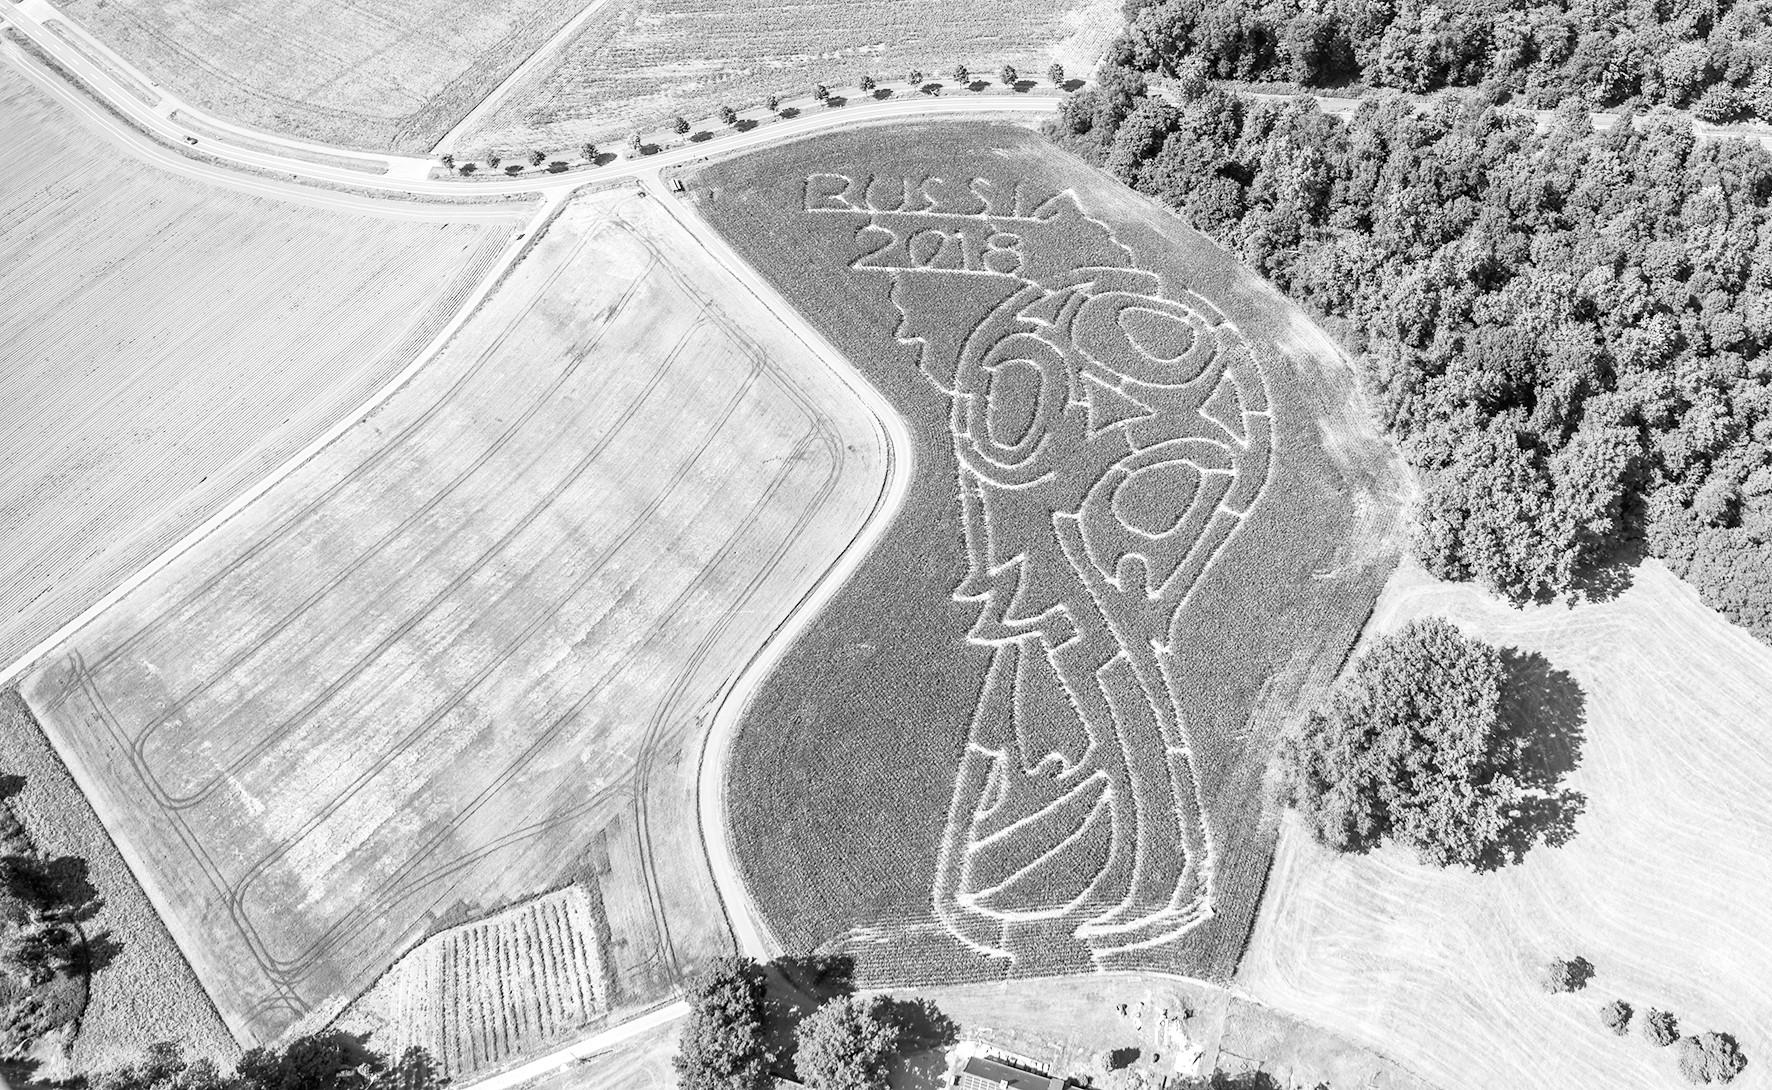 图片新闻:世界杯迷宫